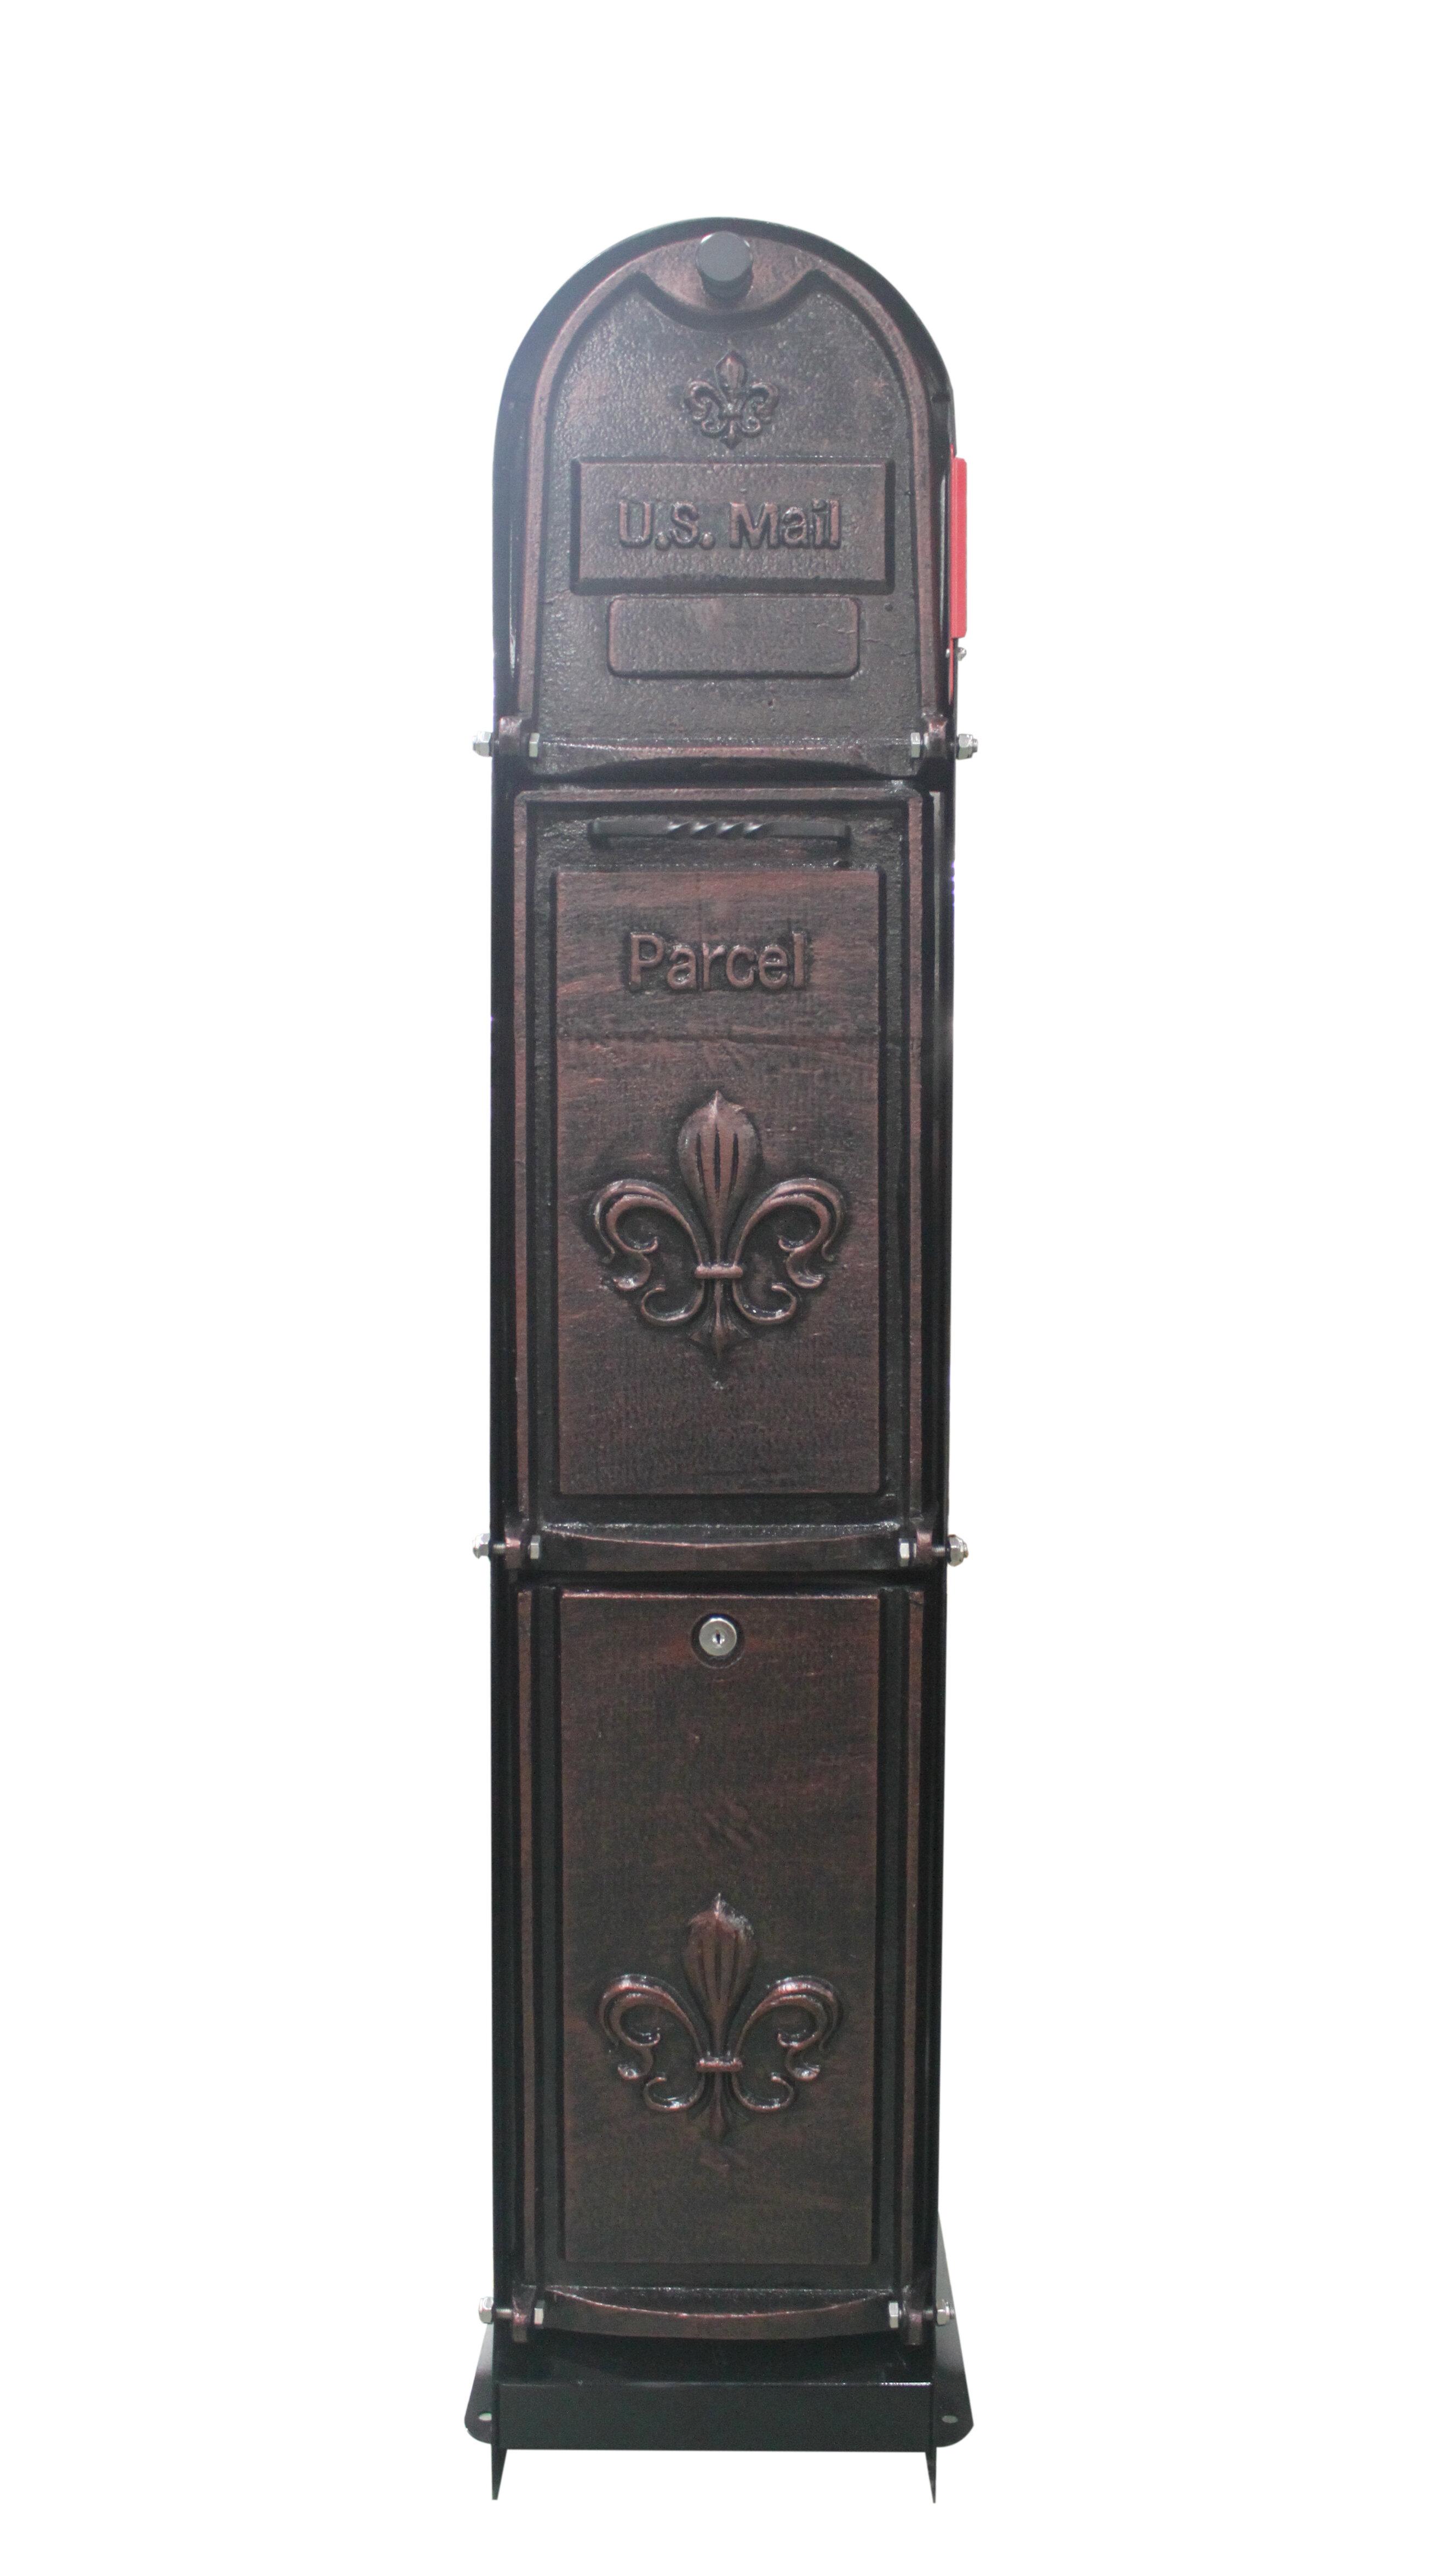 Fleur De Lis Locking Column Box